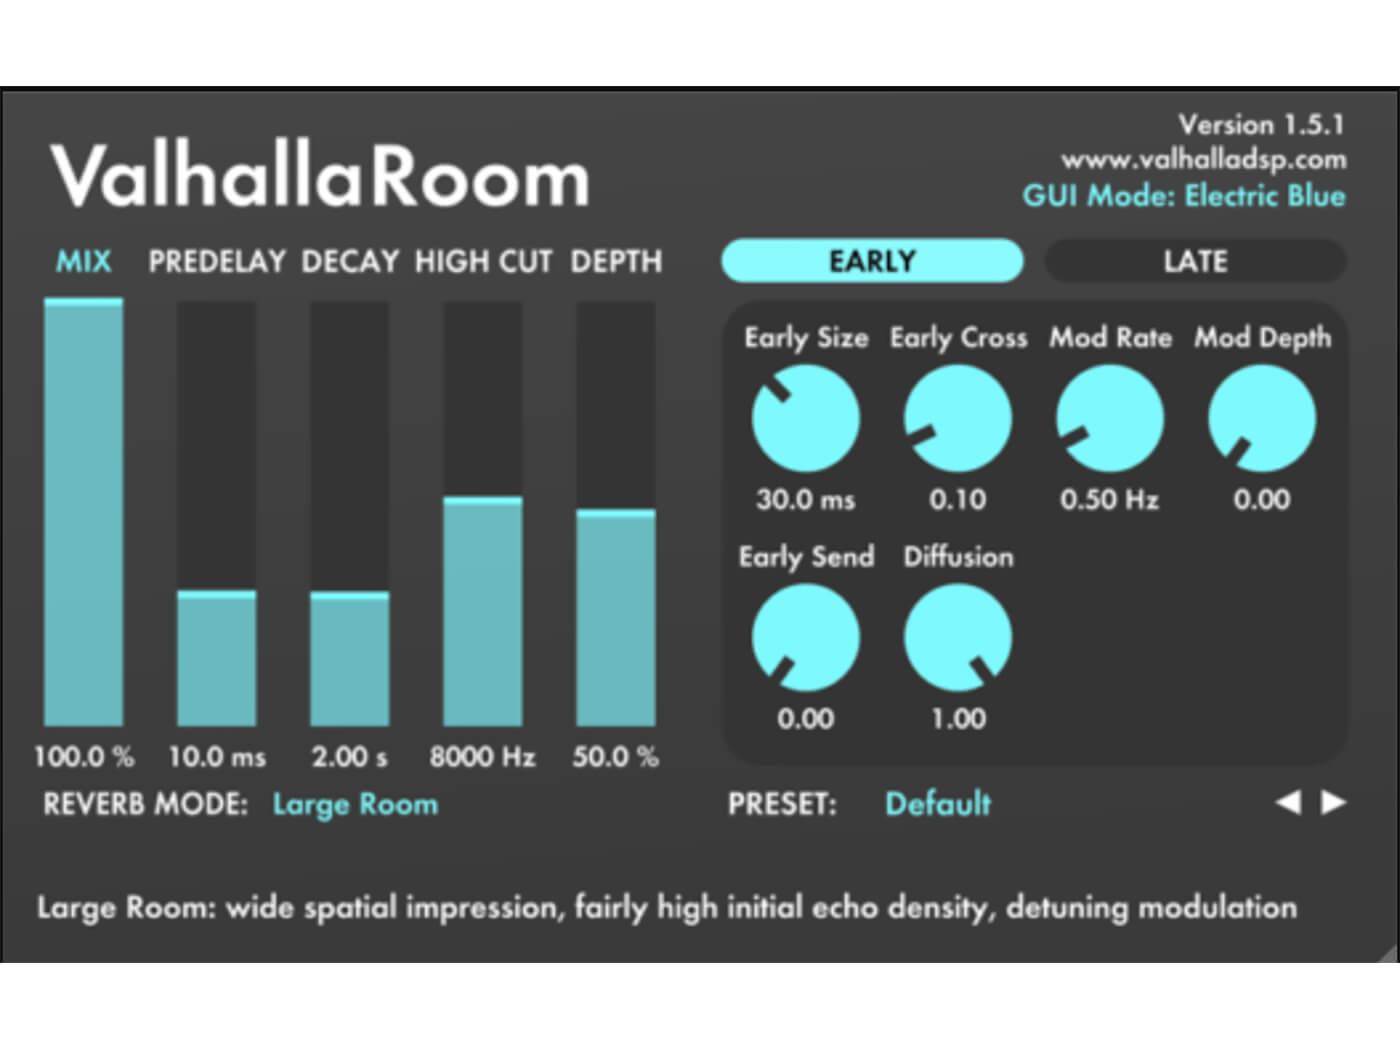 Valhalla DSP - Valhalla Room